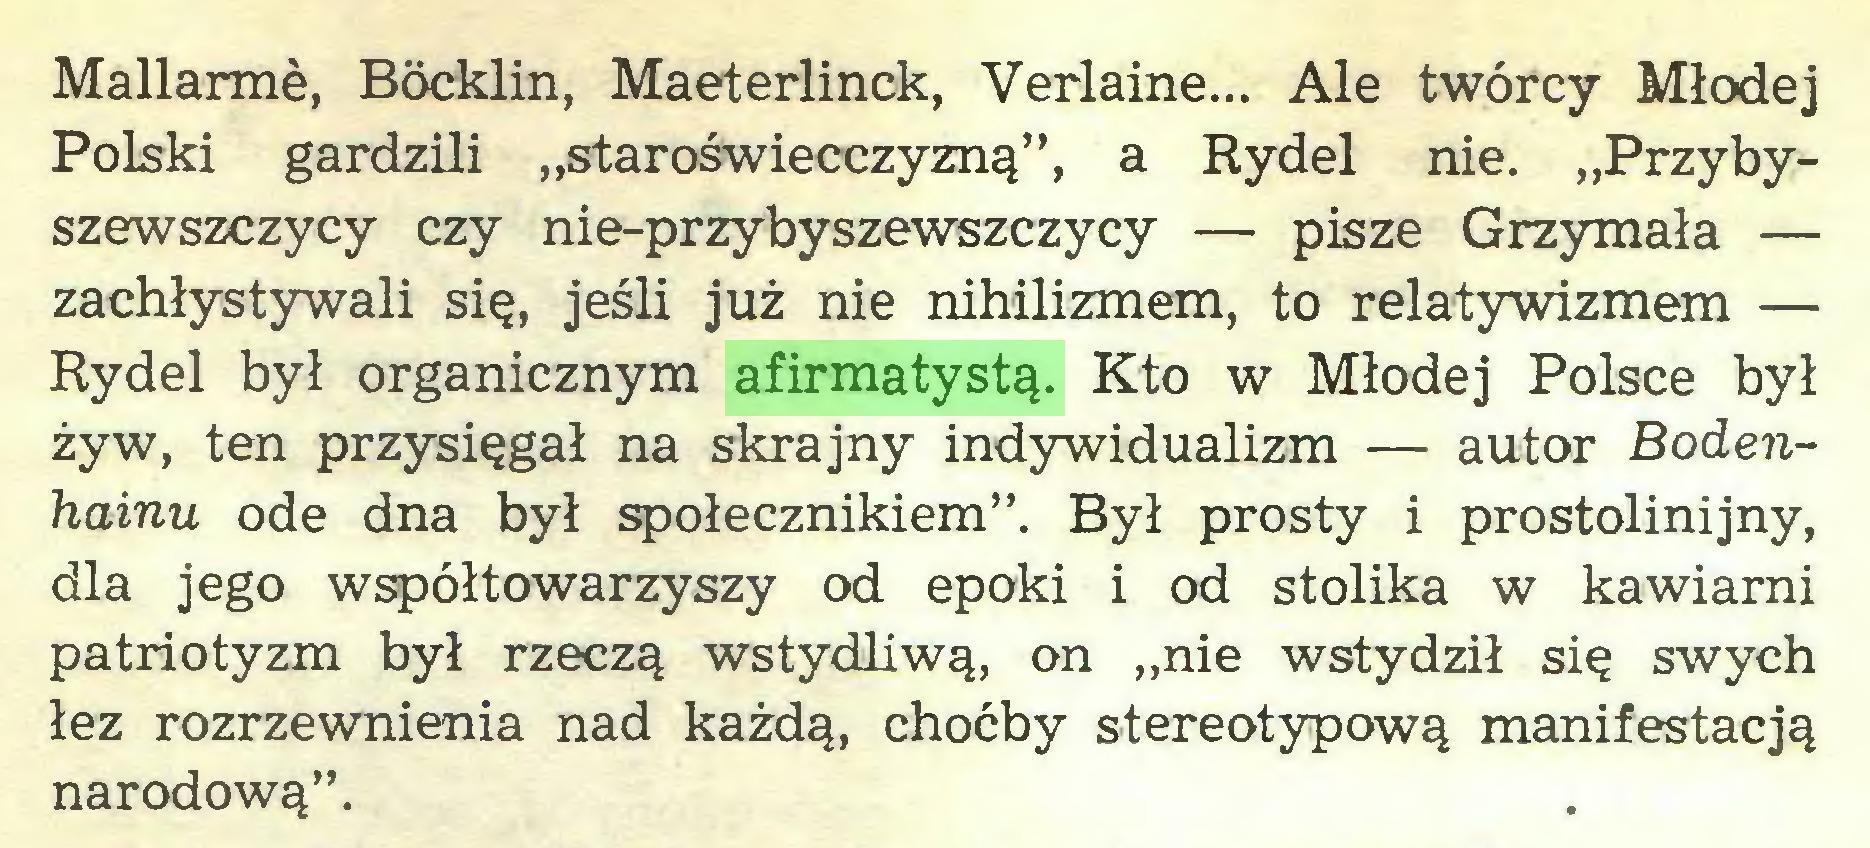 """(...) Mallarmé, Böcklin, Maeterlinck, Verlaine... Ale twórcy Młodej Polski gardzili """"staroświecczyzną"""", a Rydel nie. """"Przybyszewszczycy czy nie-przybyszewszczycy — pisze Grzymała — zachłystywali się, jeśli już nie nihilizmem, to relatywizmem — Rydel był organicznym afirmatystą. Kto w Młodej Polsce był żyw, ten przysięgał na skrajny indywidualizm — autor Bodenhainu ode dna był społecznikiem"""". Był prosty i prostolinijny, dla jego współtowarzyszy od epoki i od stolika w kawiarni patriotyzm był rzeczą wstydliwą, on """"nie wstydził się swych łez rozrzewnienia nad każdą, choćby stereotypową manifestacją narodową""""..."""